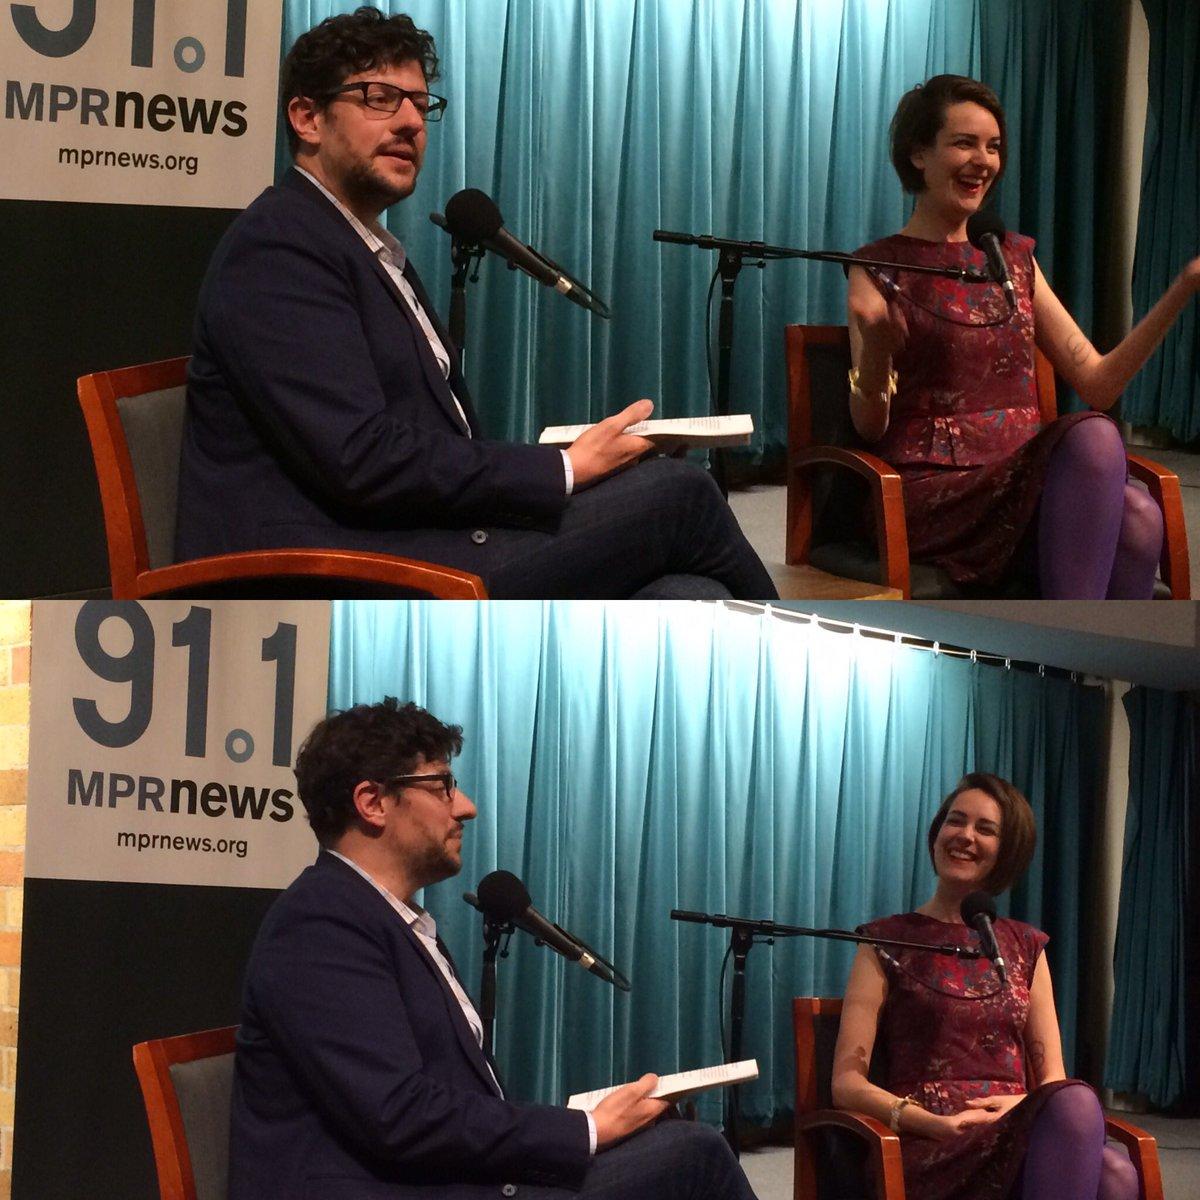 Call your girlfriend...Fun conversation #mpr @annfriedman @webertom1 Broadcast Journalist Series at St. Thomas https://t.co/Wr1xfQBerk